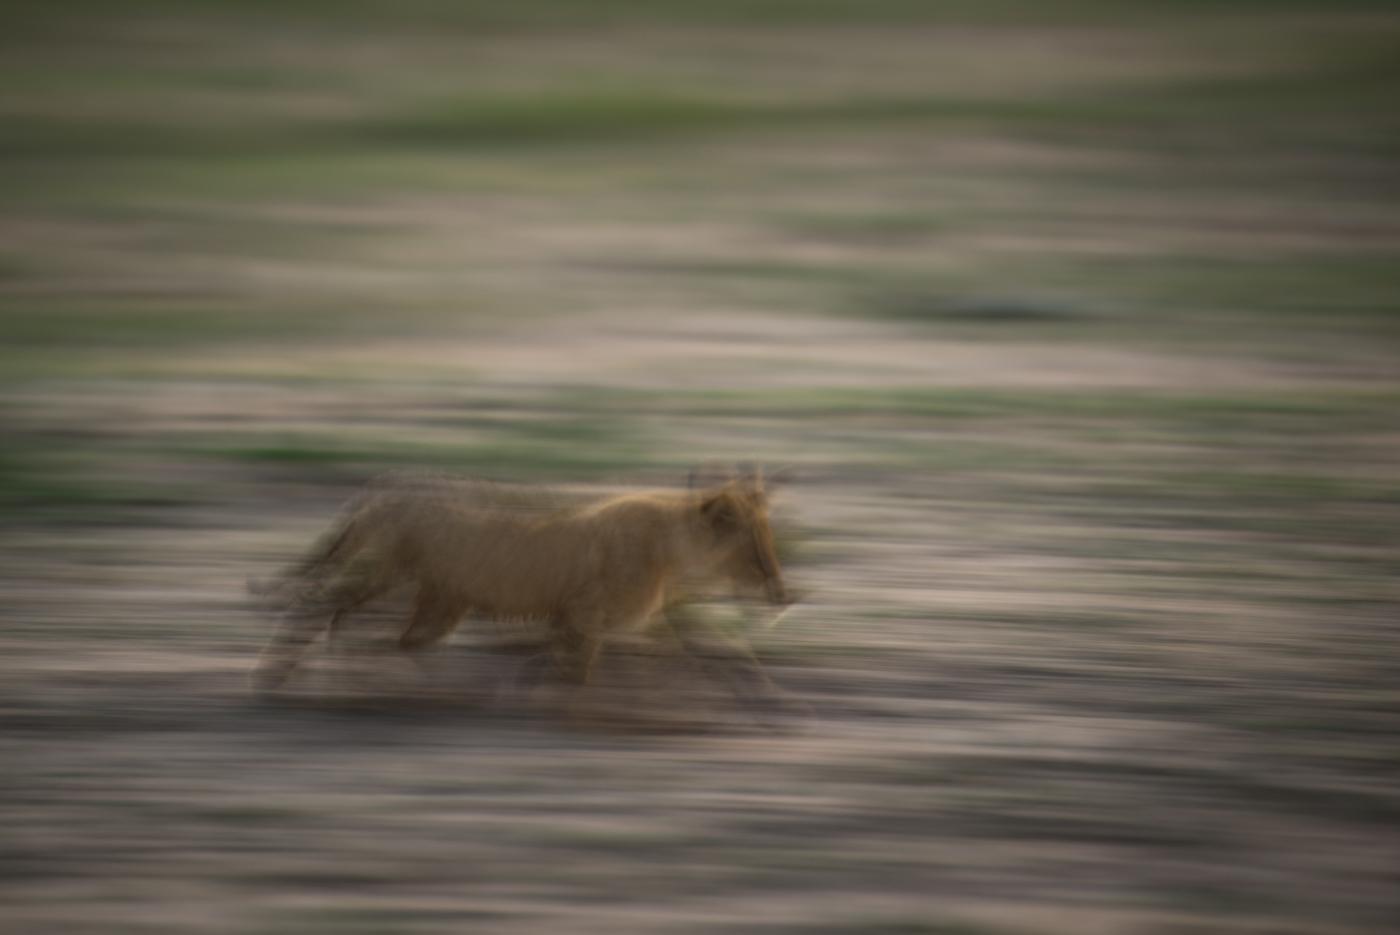 panning, lion cub, SC